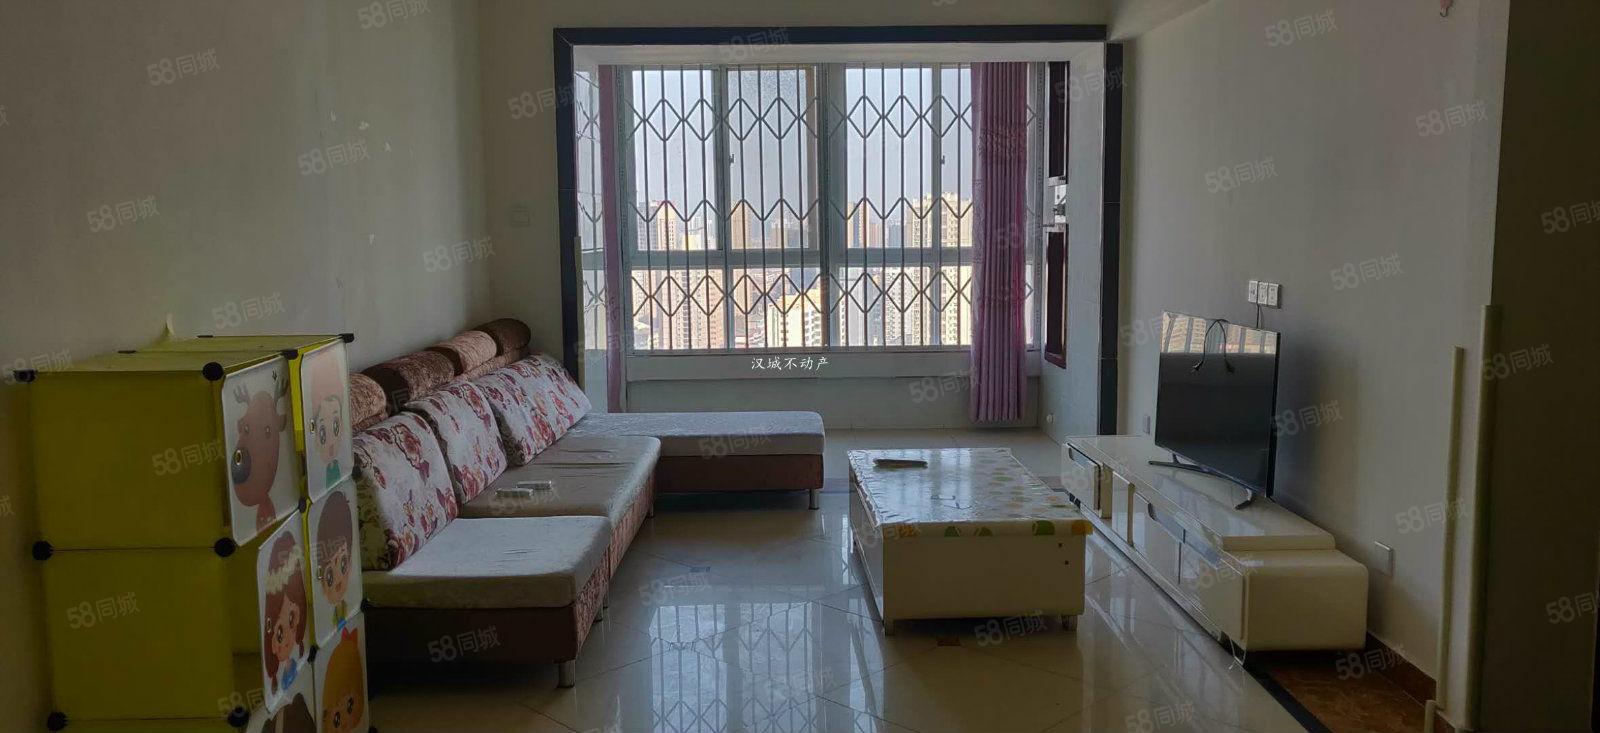 汉城玉泉路丽彩怡和润源简装两室拎包入住适合居家